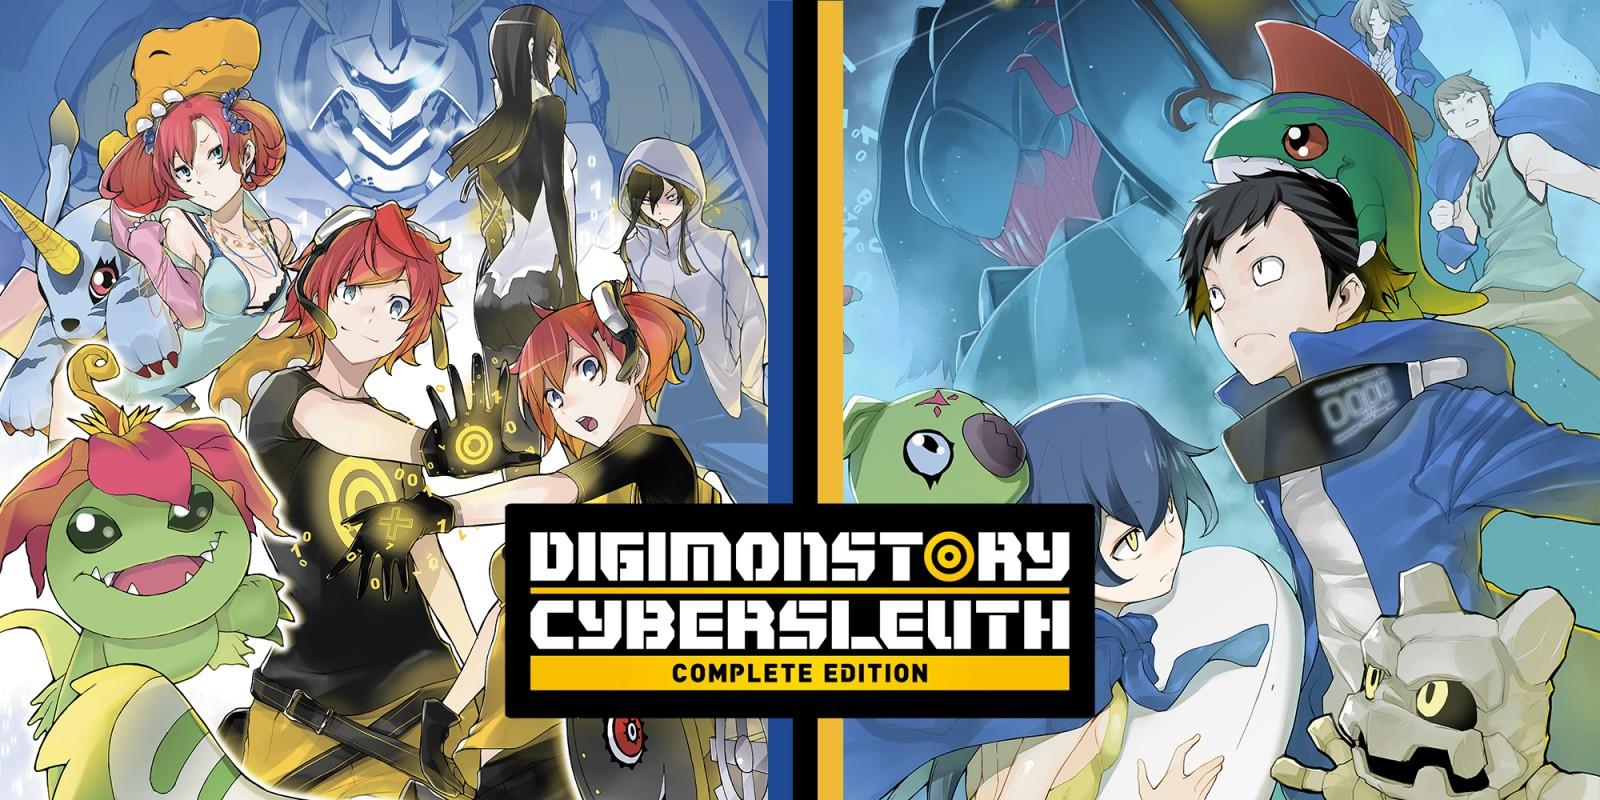 Digimon Story Cyber Sleuth - www.culturageek.com.ar